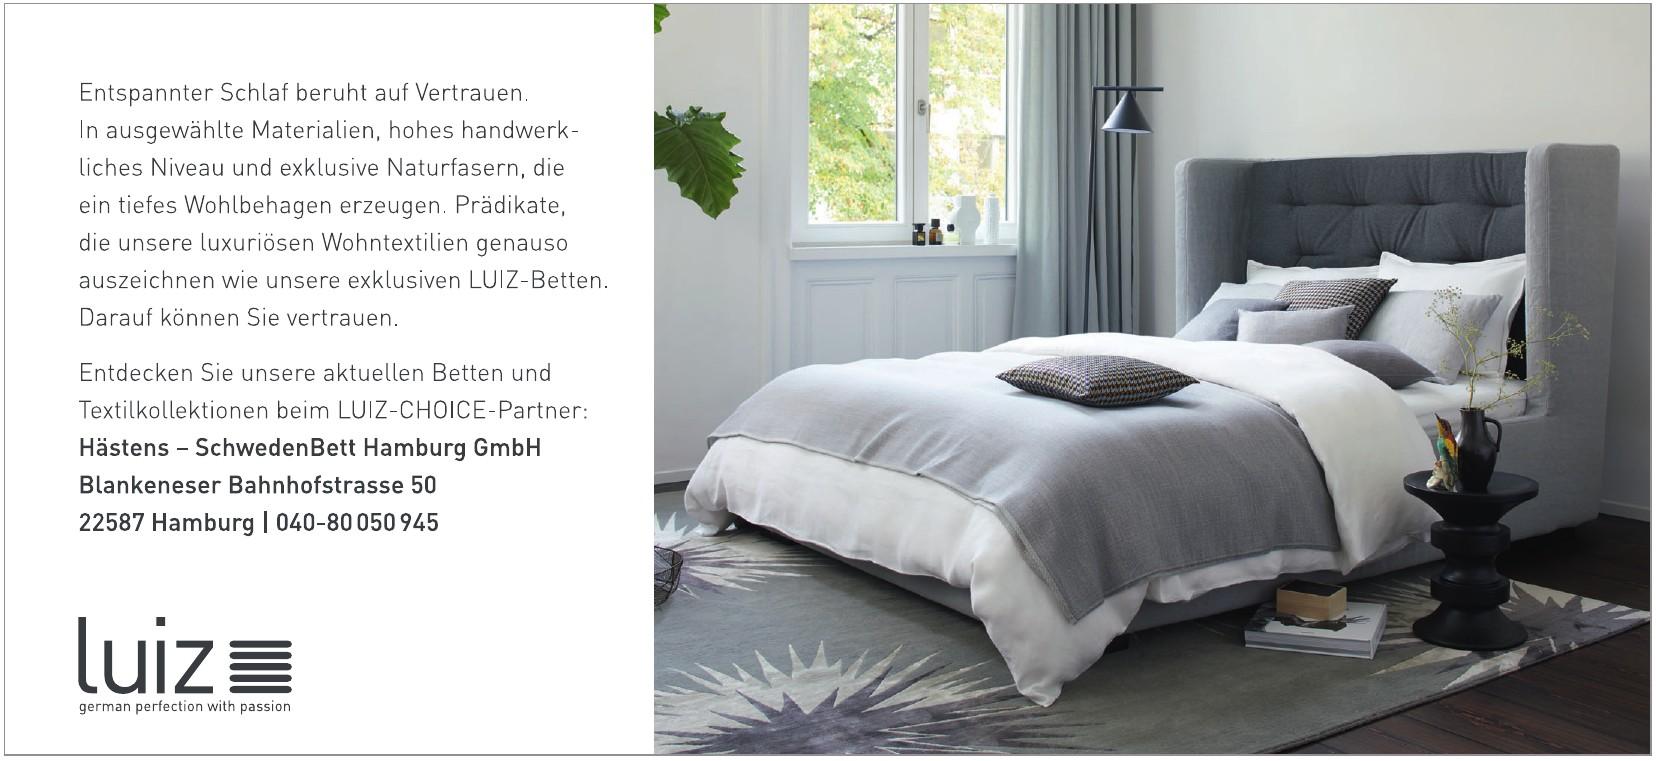 Hästens - SchwedenBett Hamburg GmbH